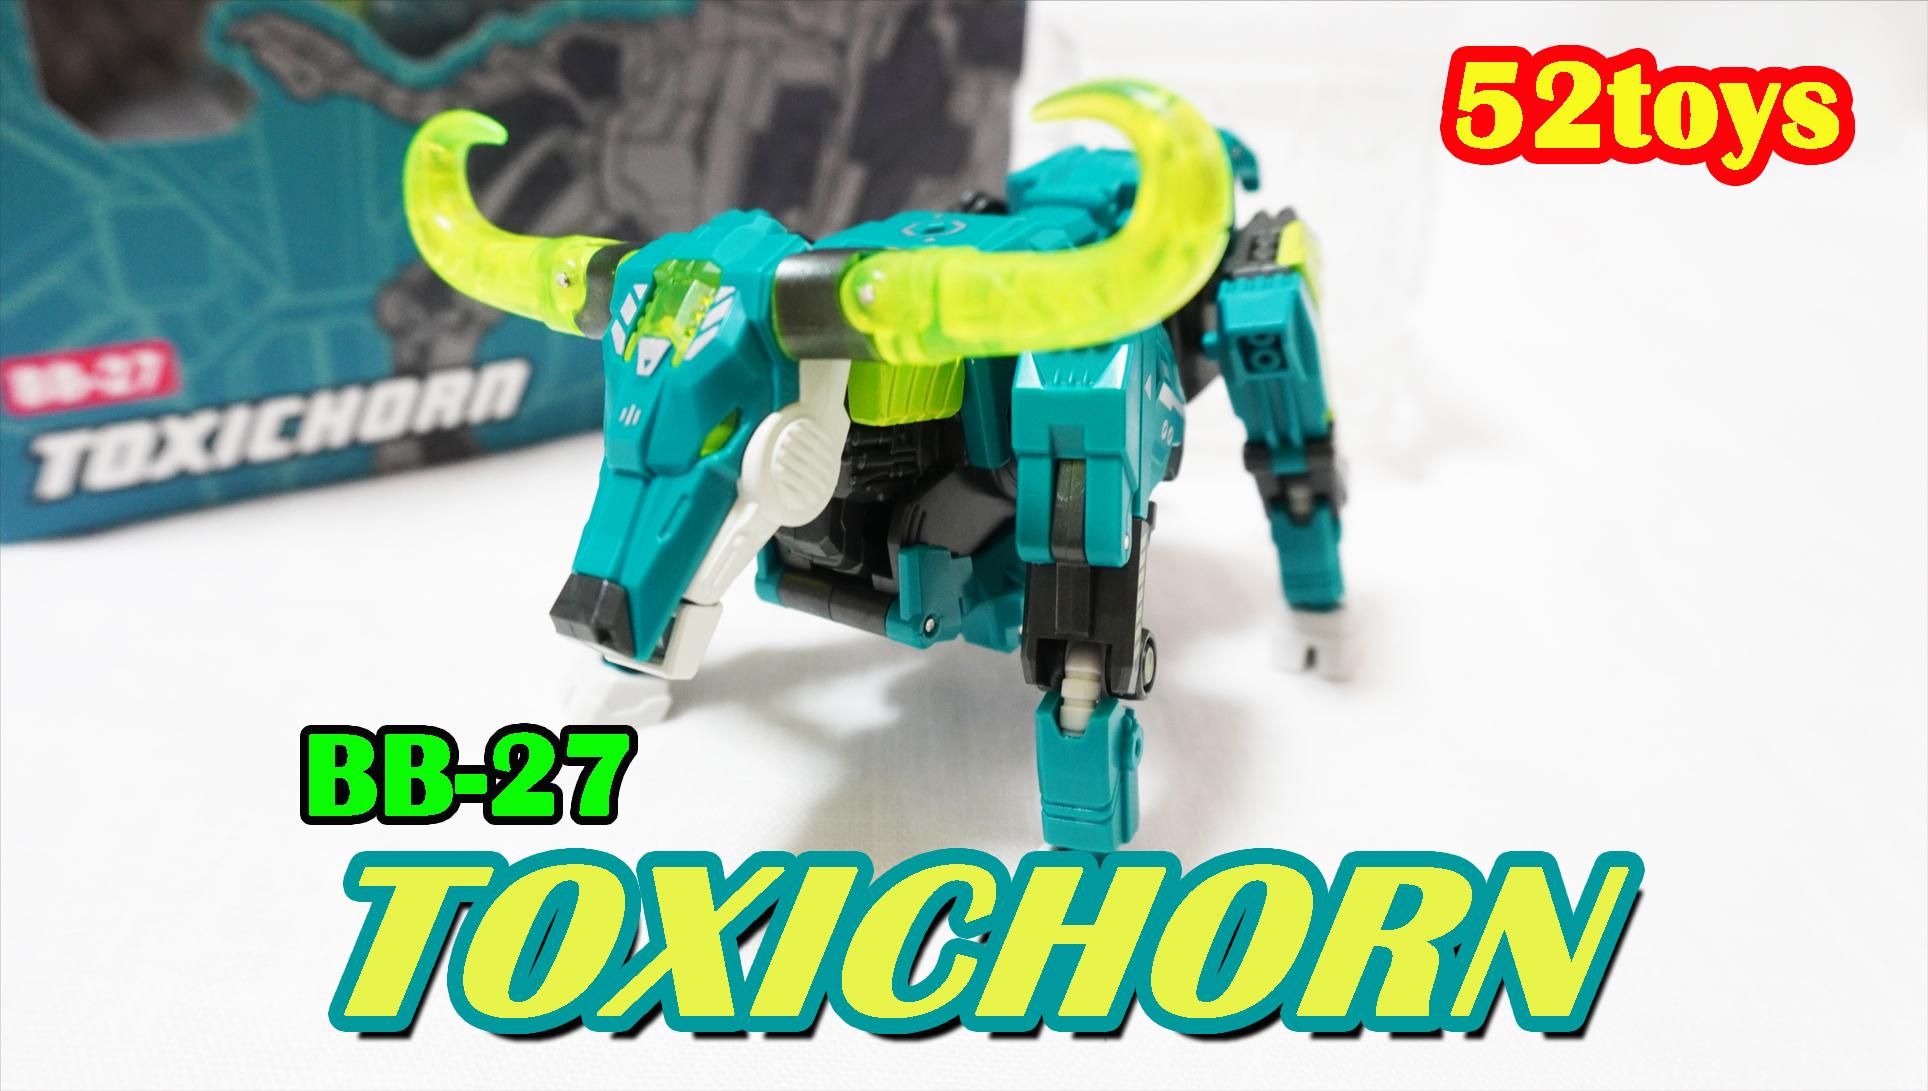 toxichorn